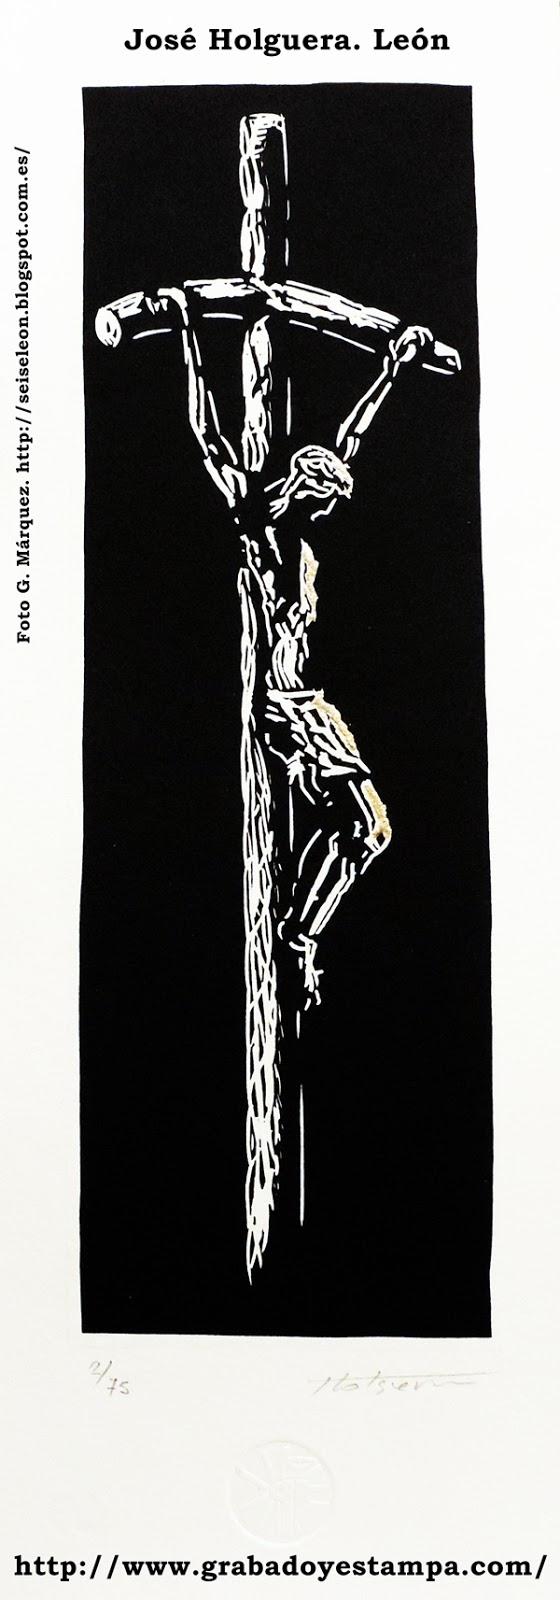 Grabado de Crucificado obra del artista grabador José Holguera. 2014.